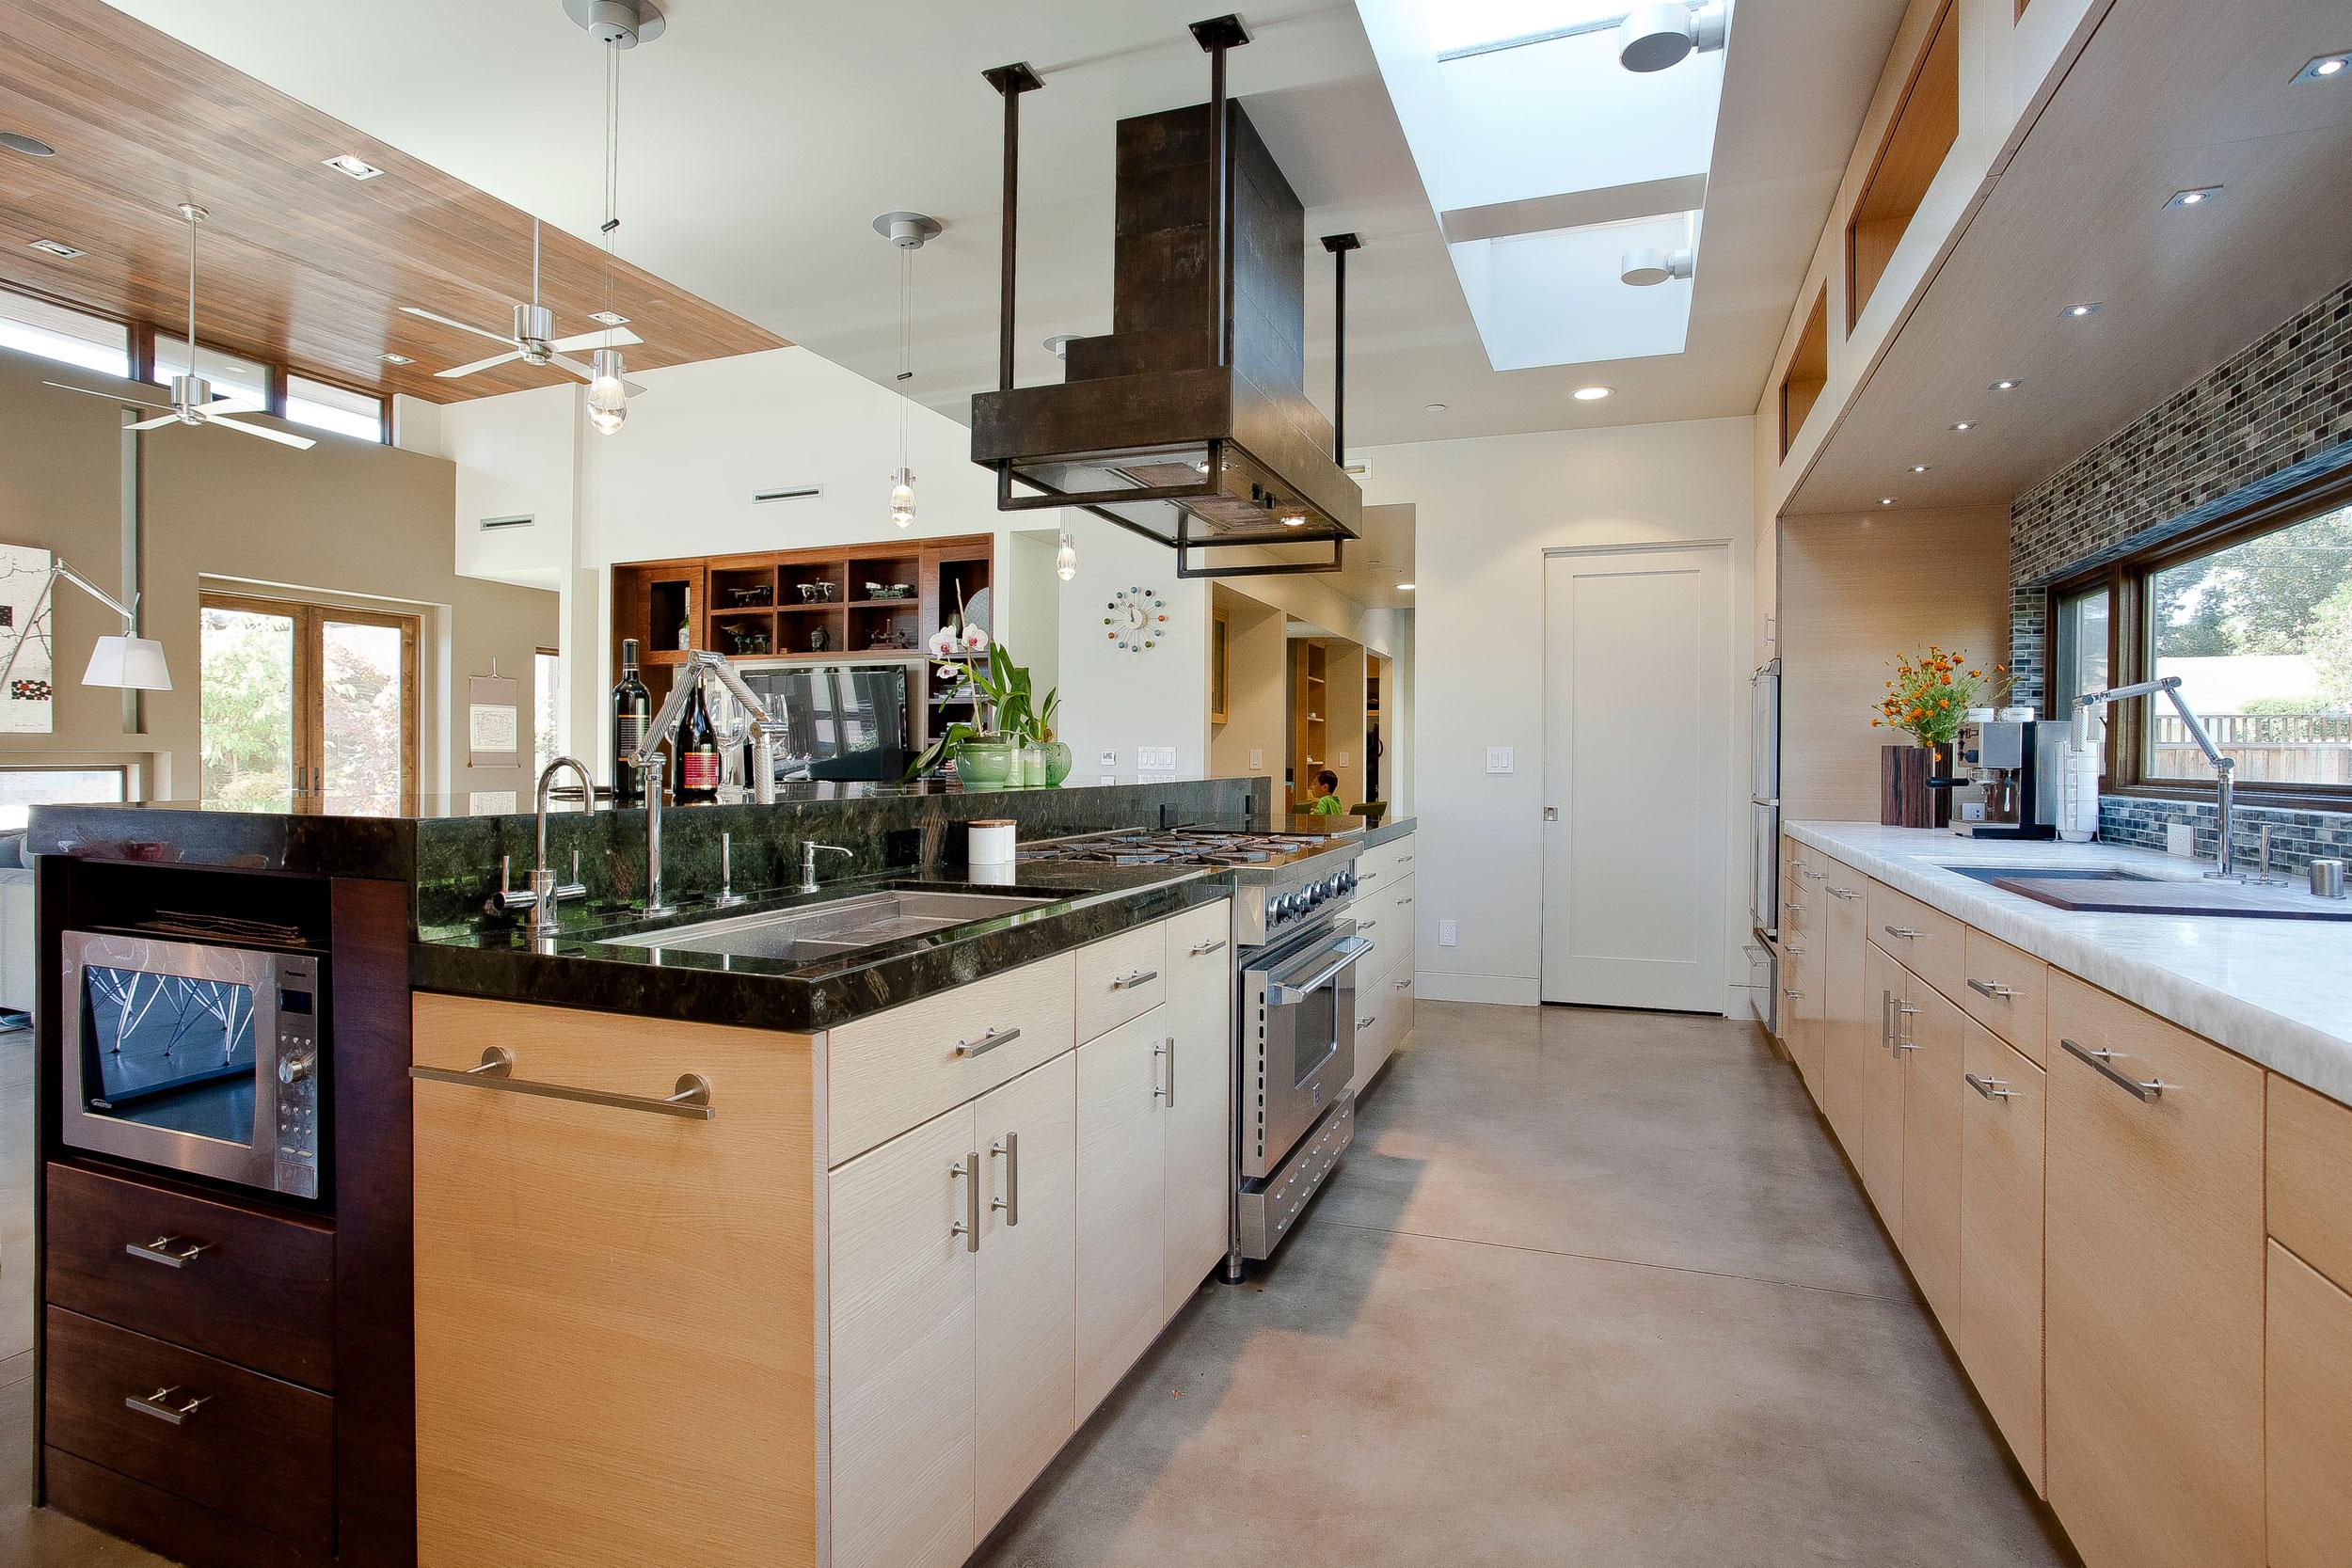 8A-kitchen.jpg